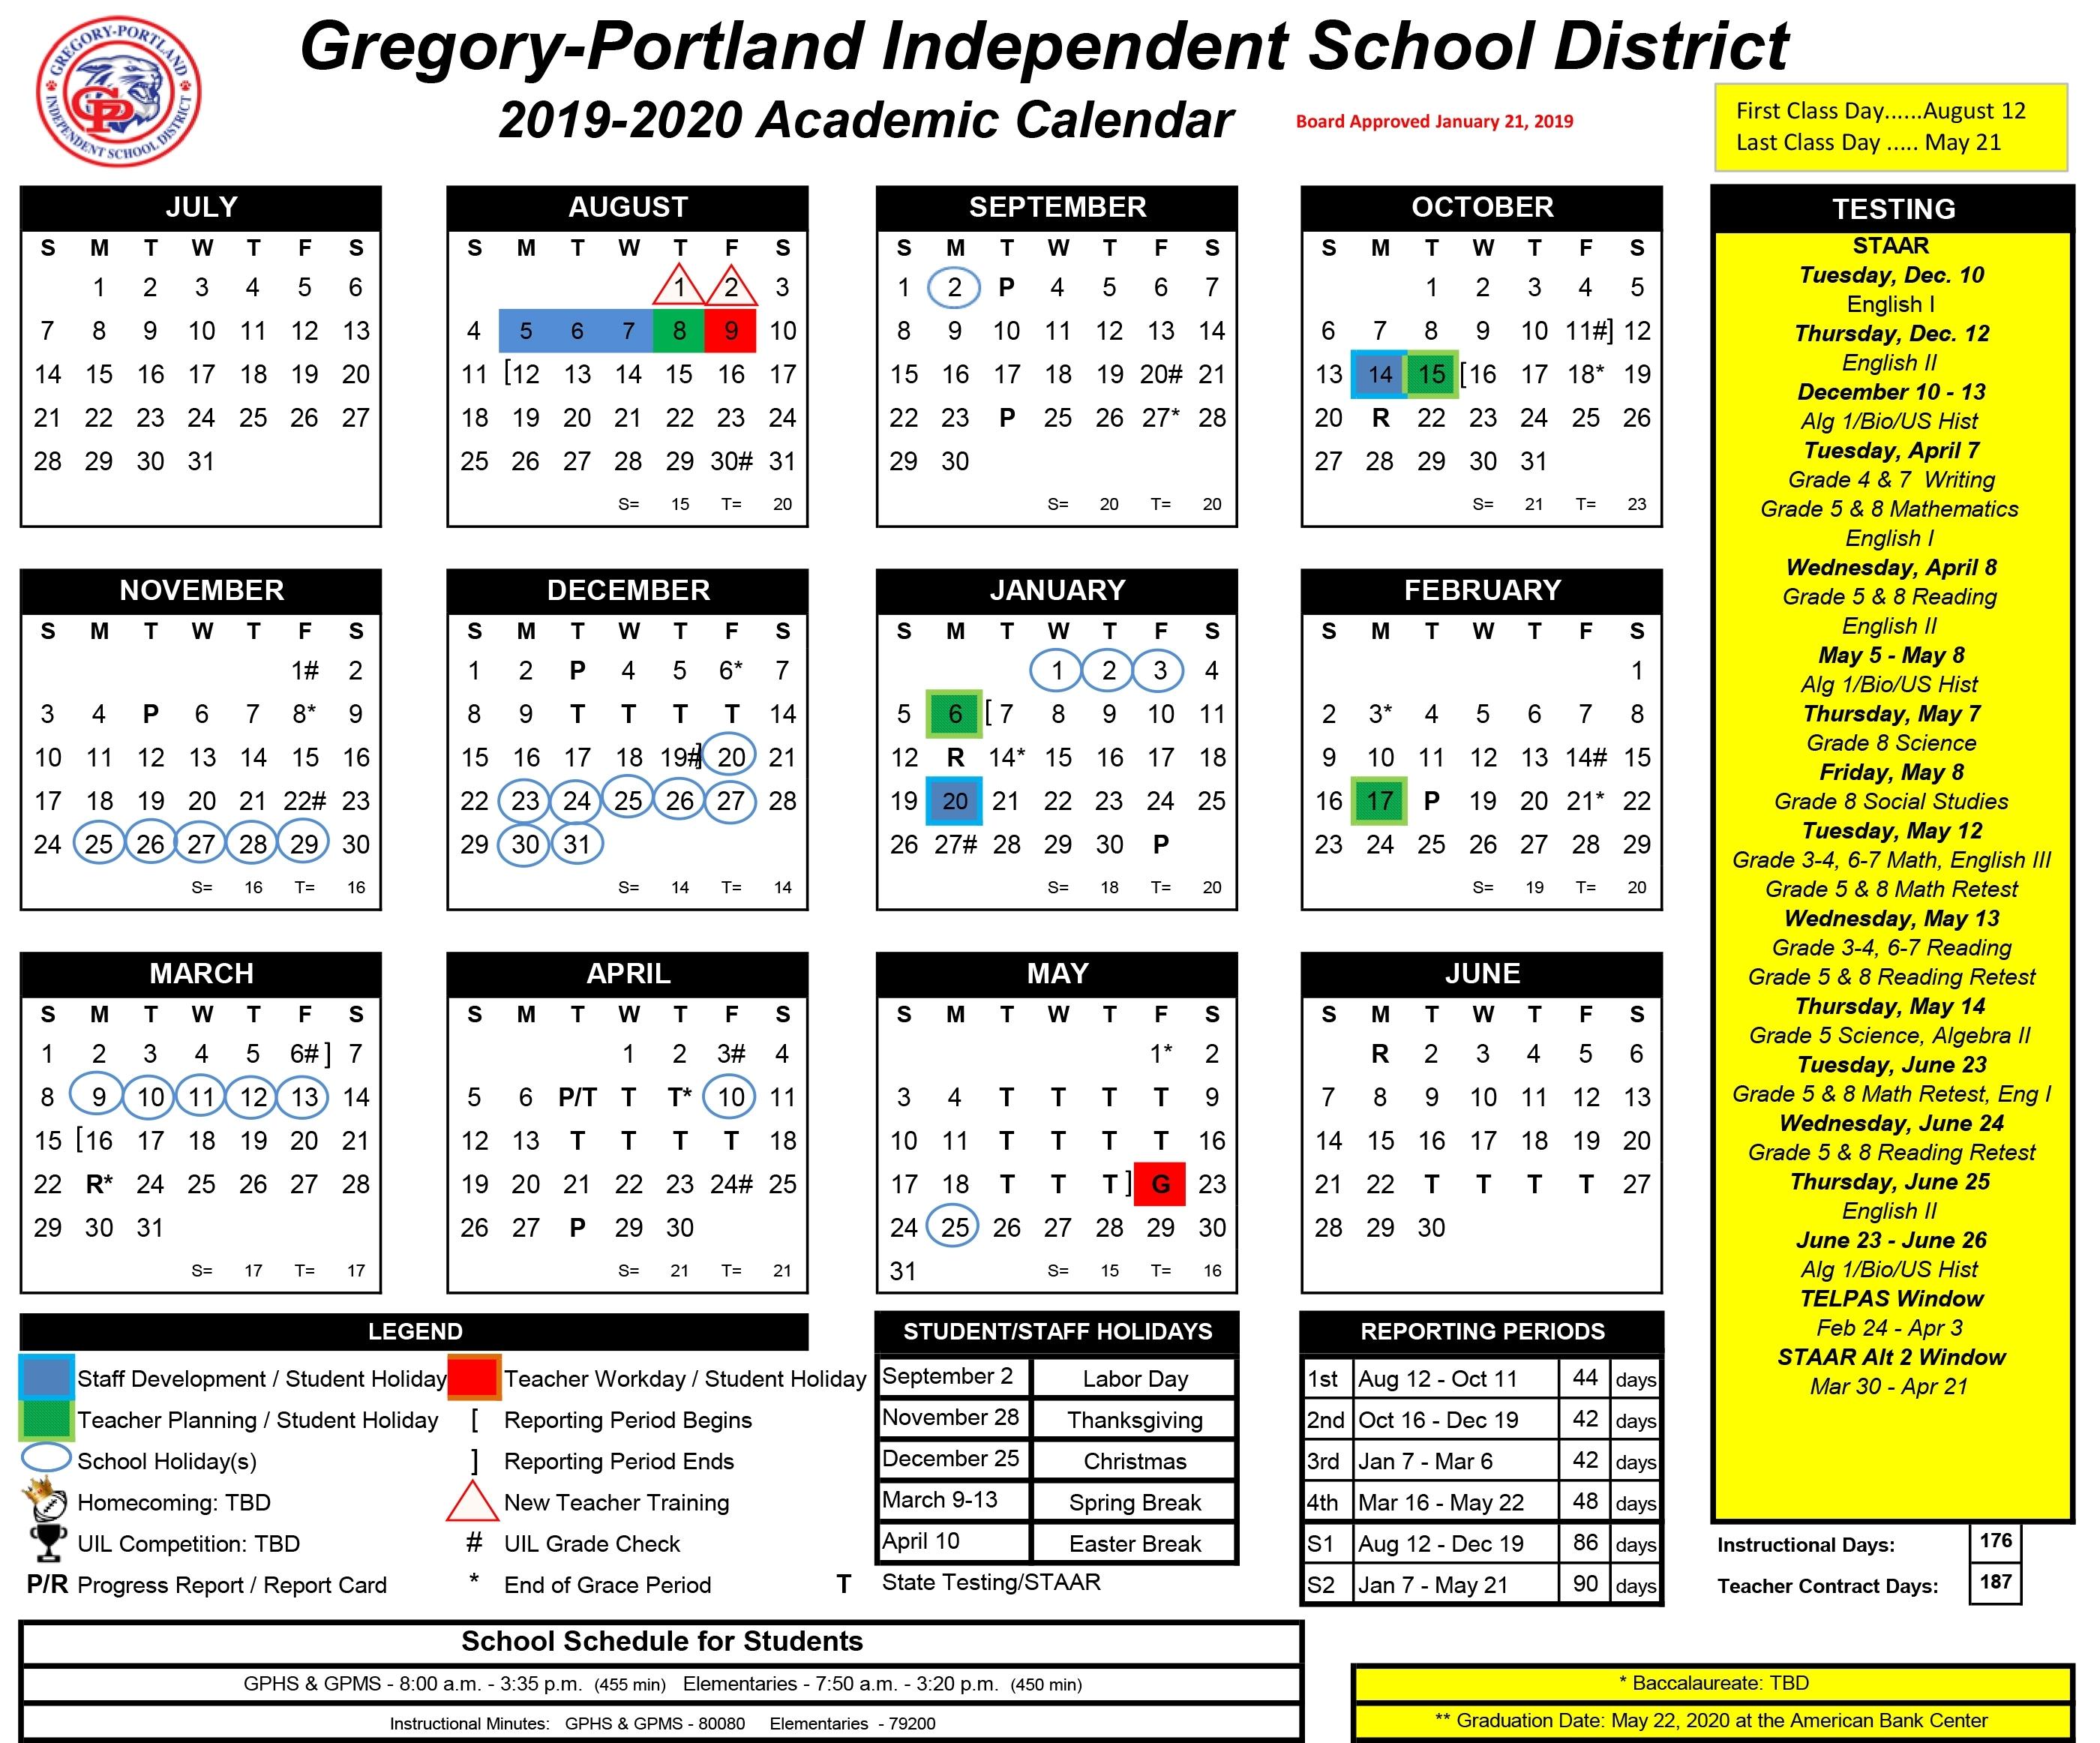 District Calendar, 2019-20 - Gregory-Portland Independent